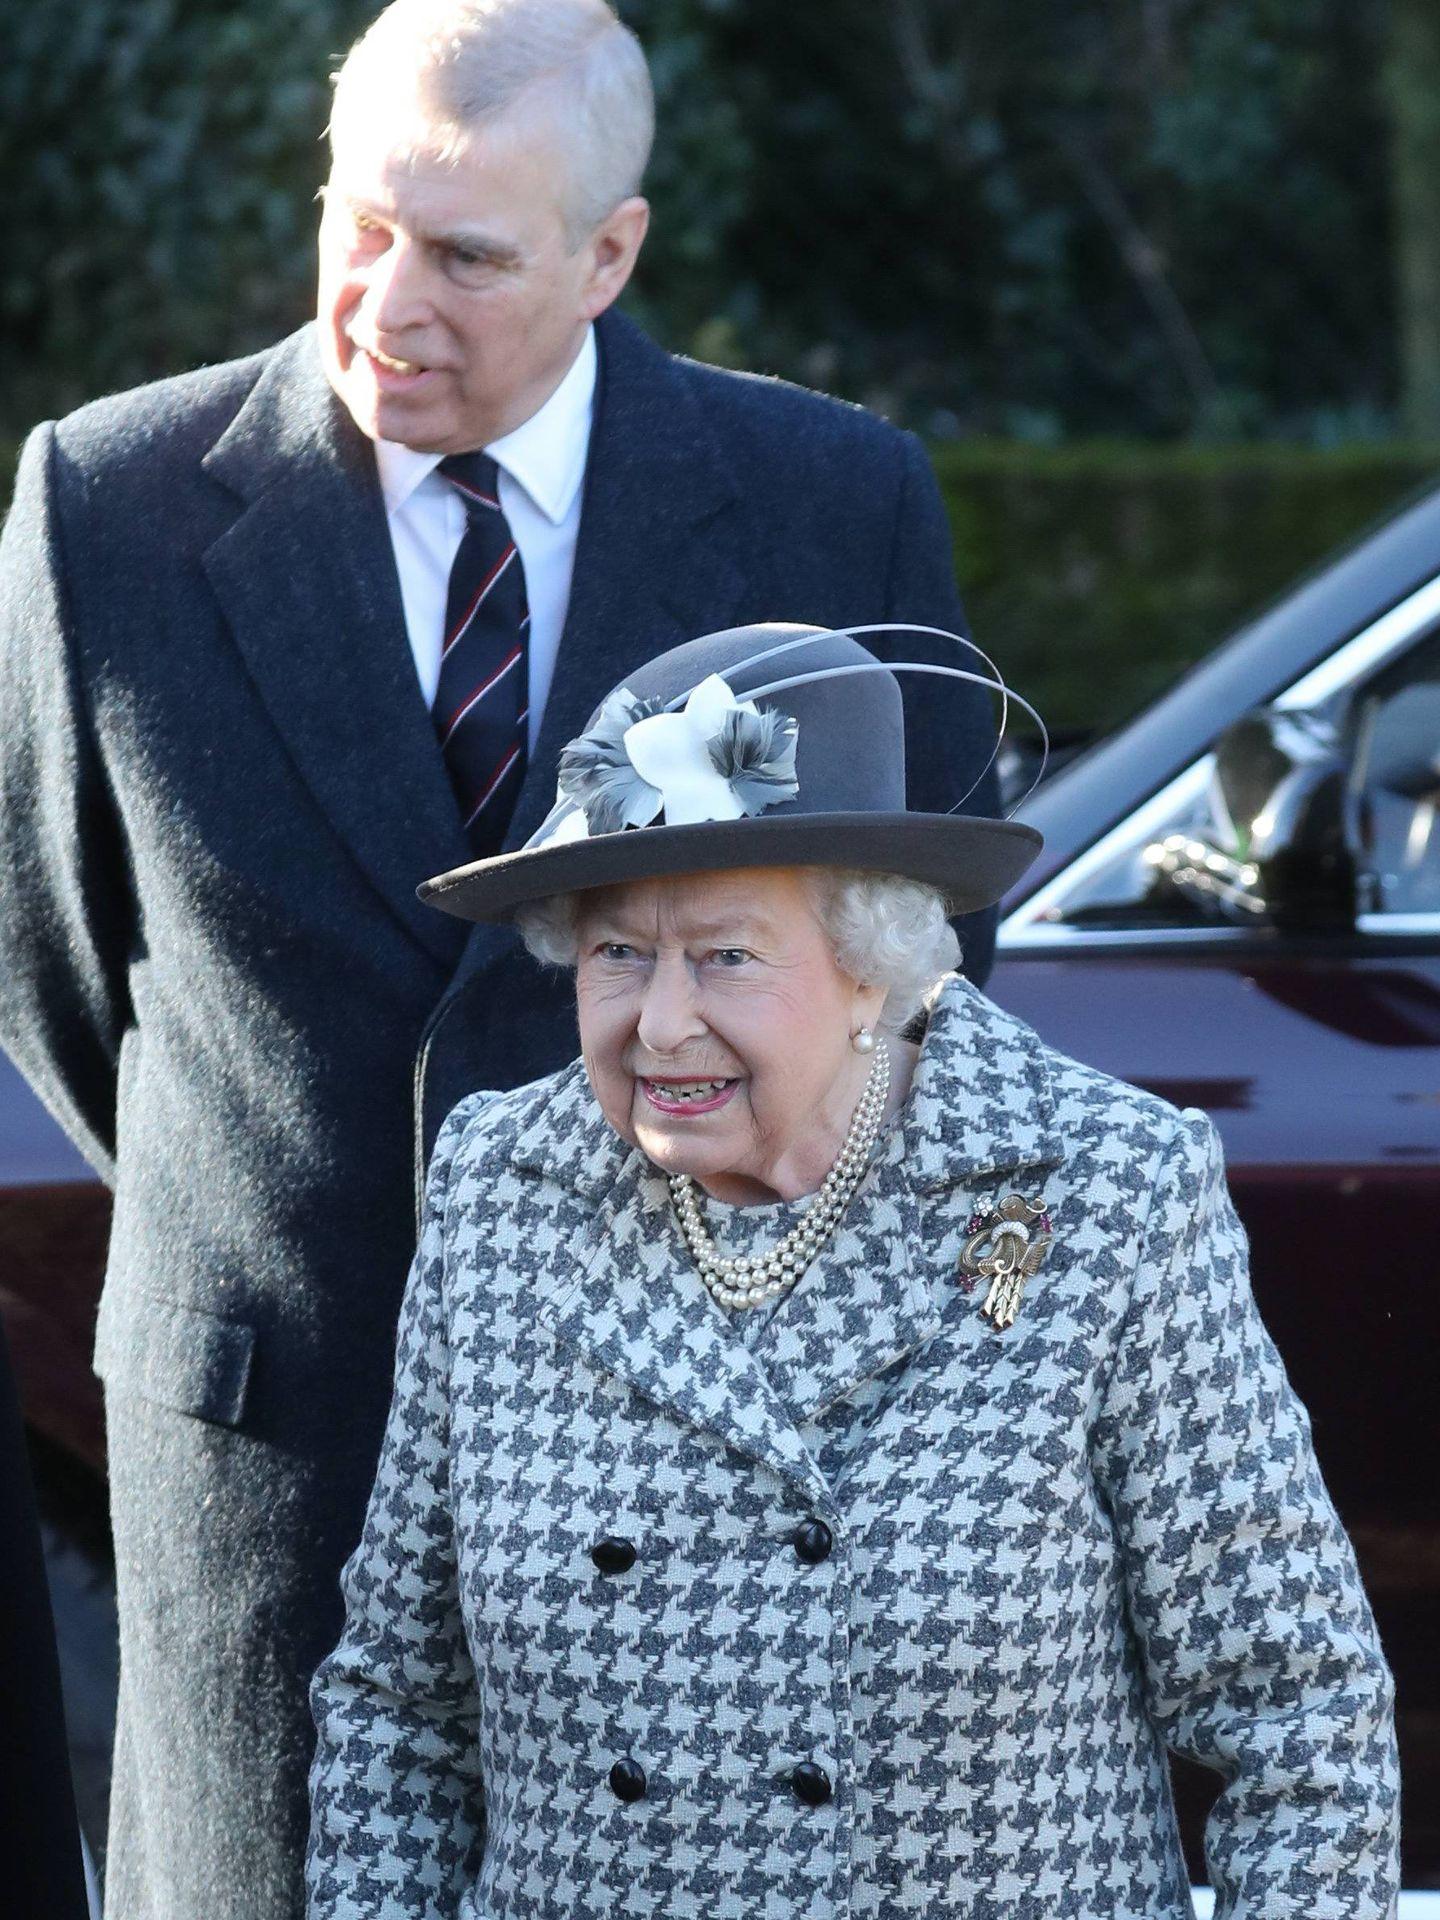 Primera aparición pública del año 2020 de Isabel II junto a su hijo, el príncipe Andrés. (Cordon Press)